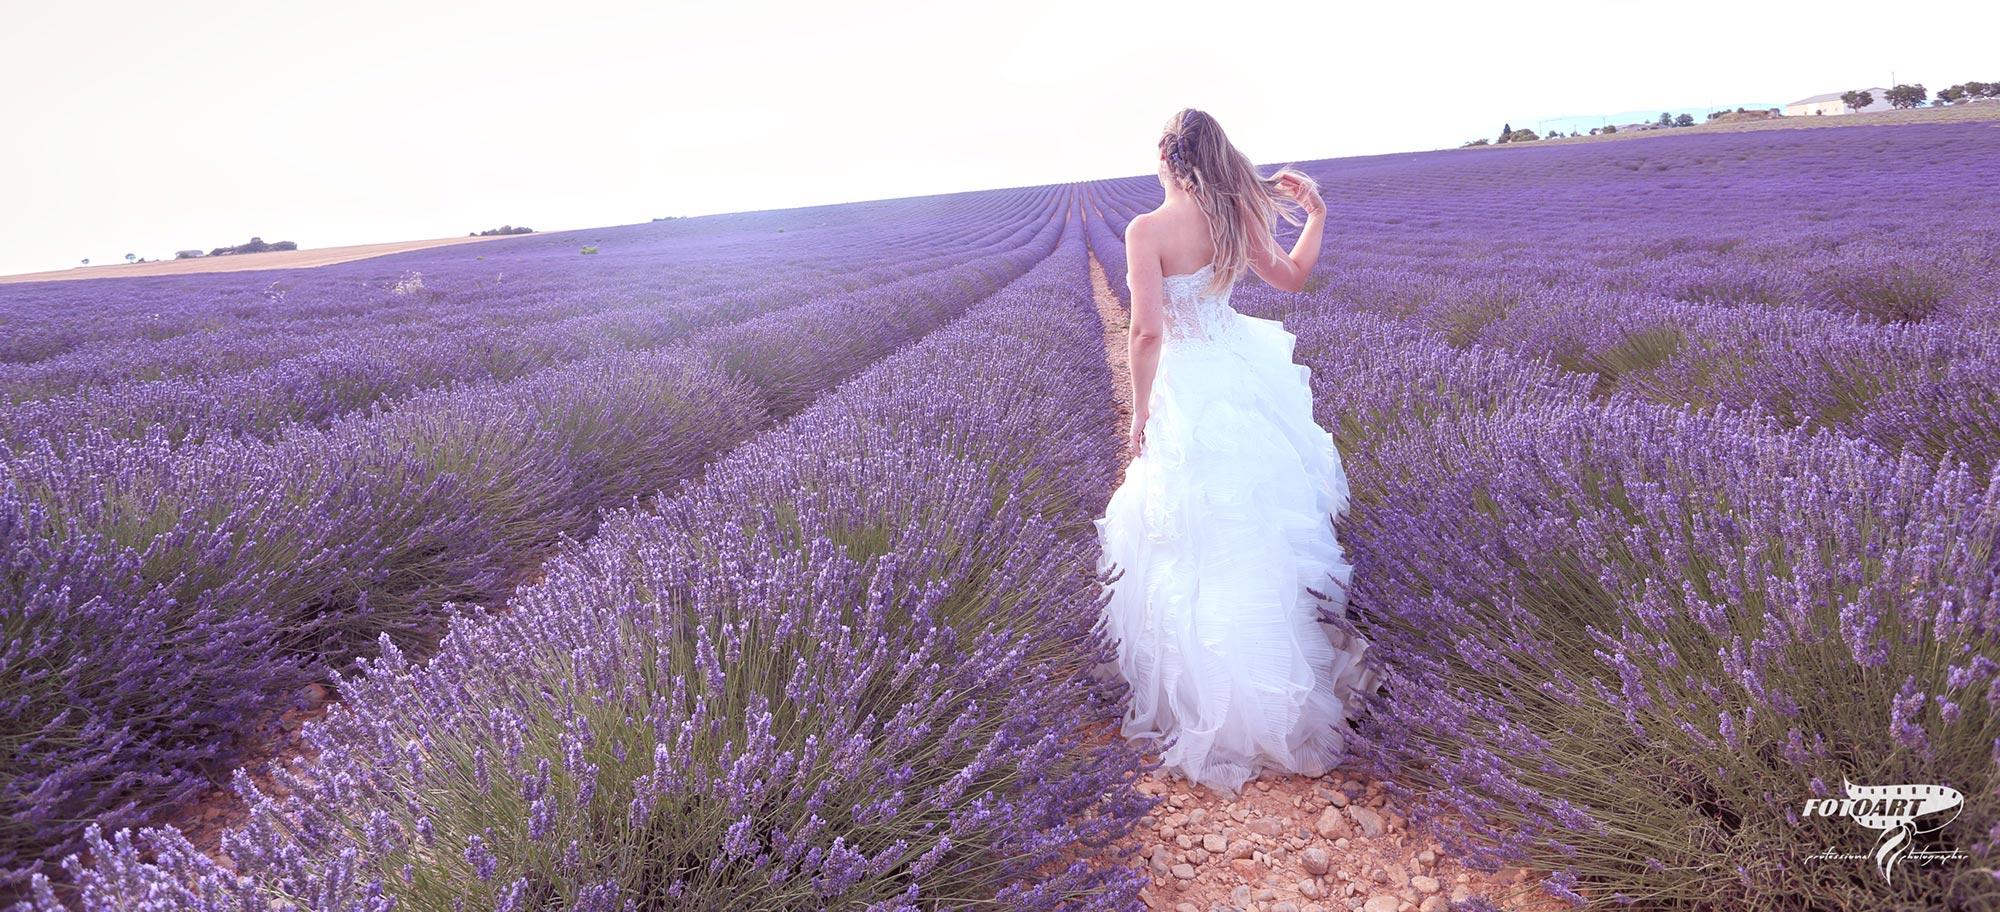 Matrimonio immerso nei fiori di lavanda - FotoArt Lucca